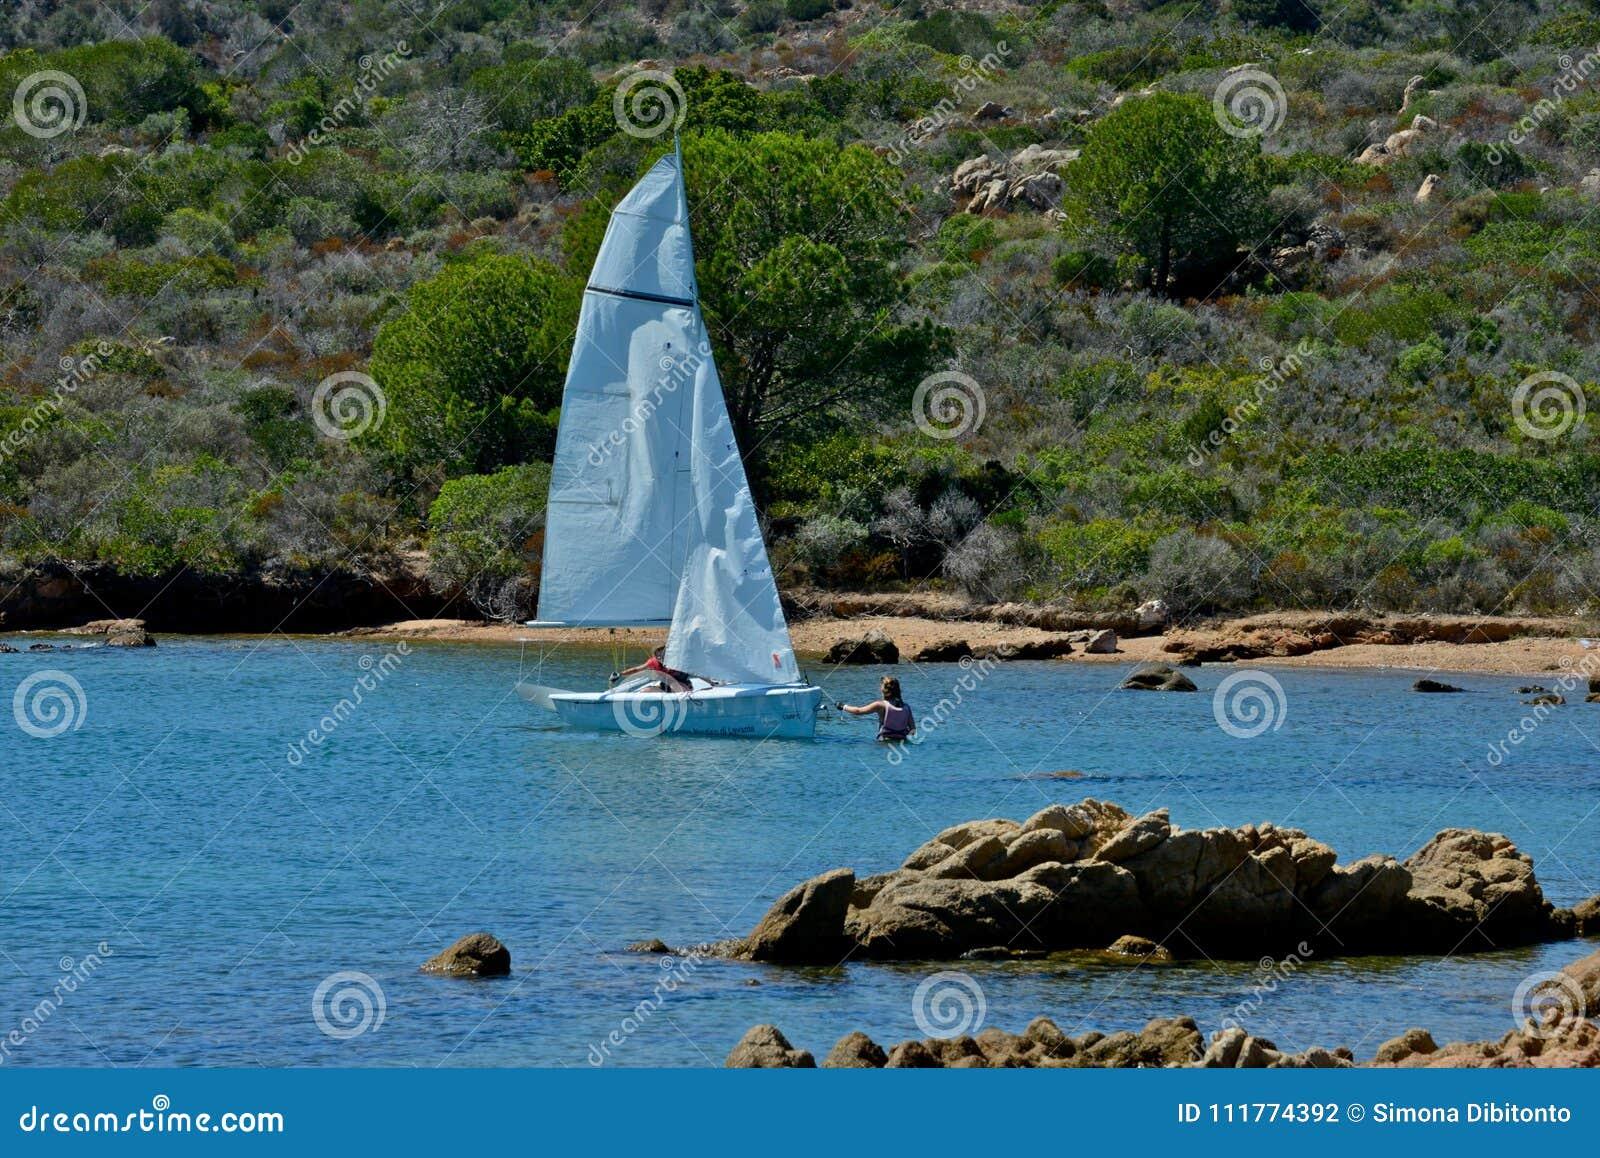 Άσπρες βάρκες πανιών με δύο ανθρώπους που μαθαίνουν να πλέει στην μπλε θάλασσα που περιβάλλεται από τη φύση